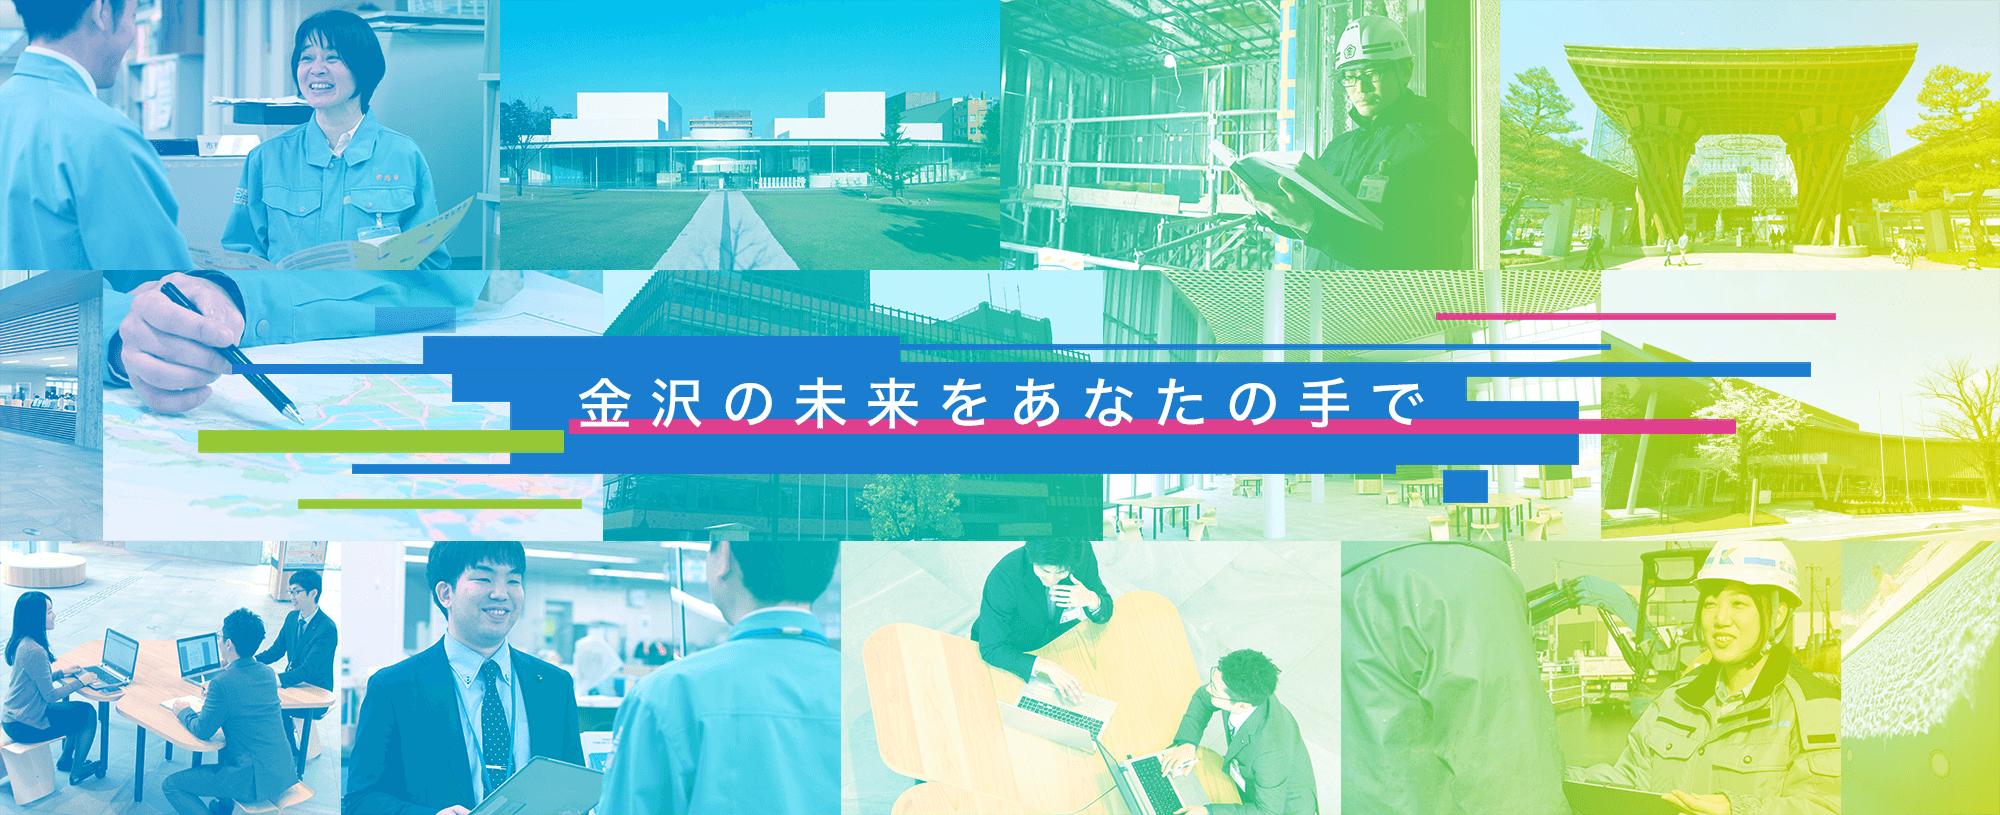 金沢の未来をあなたの手での画像